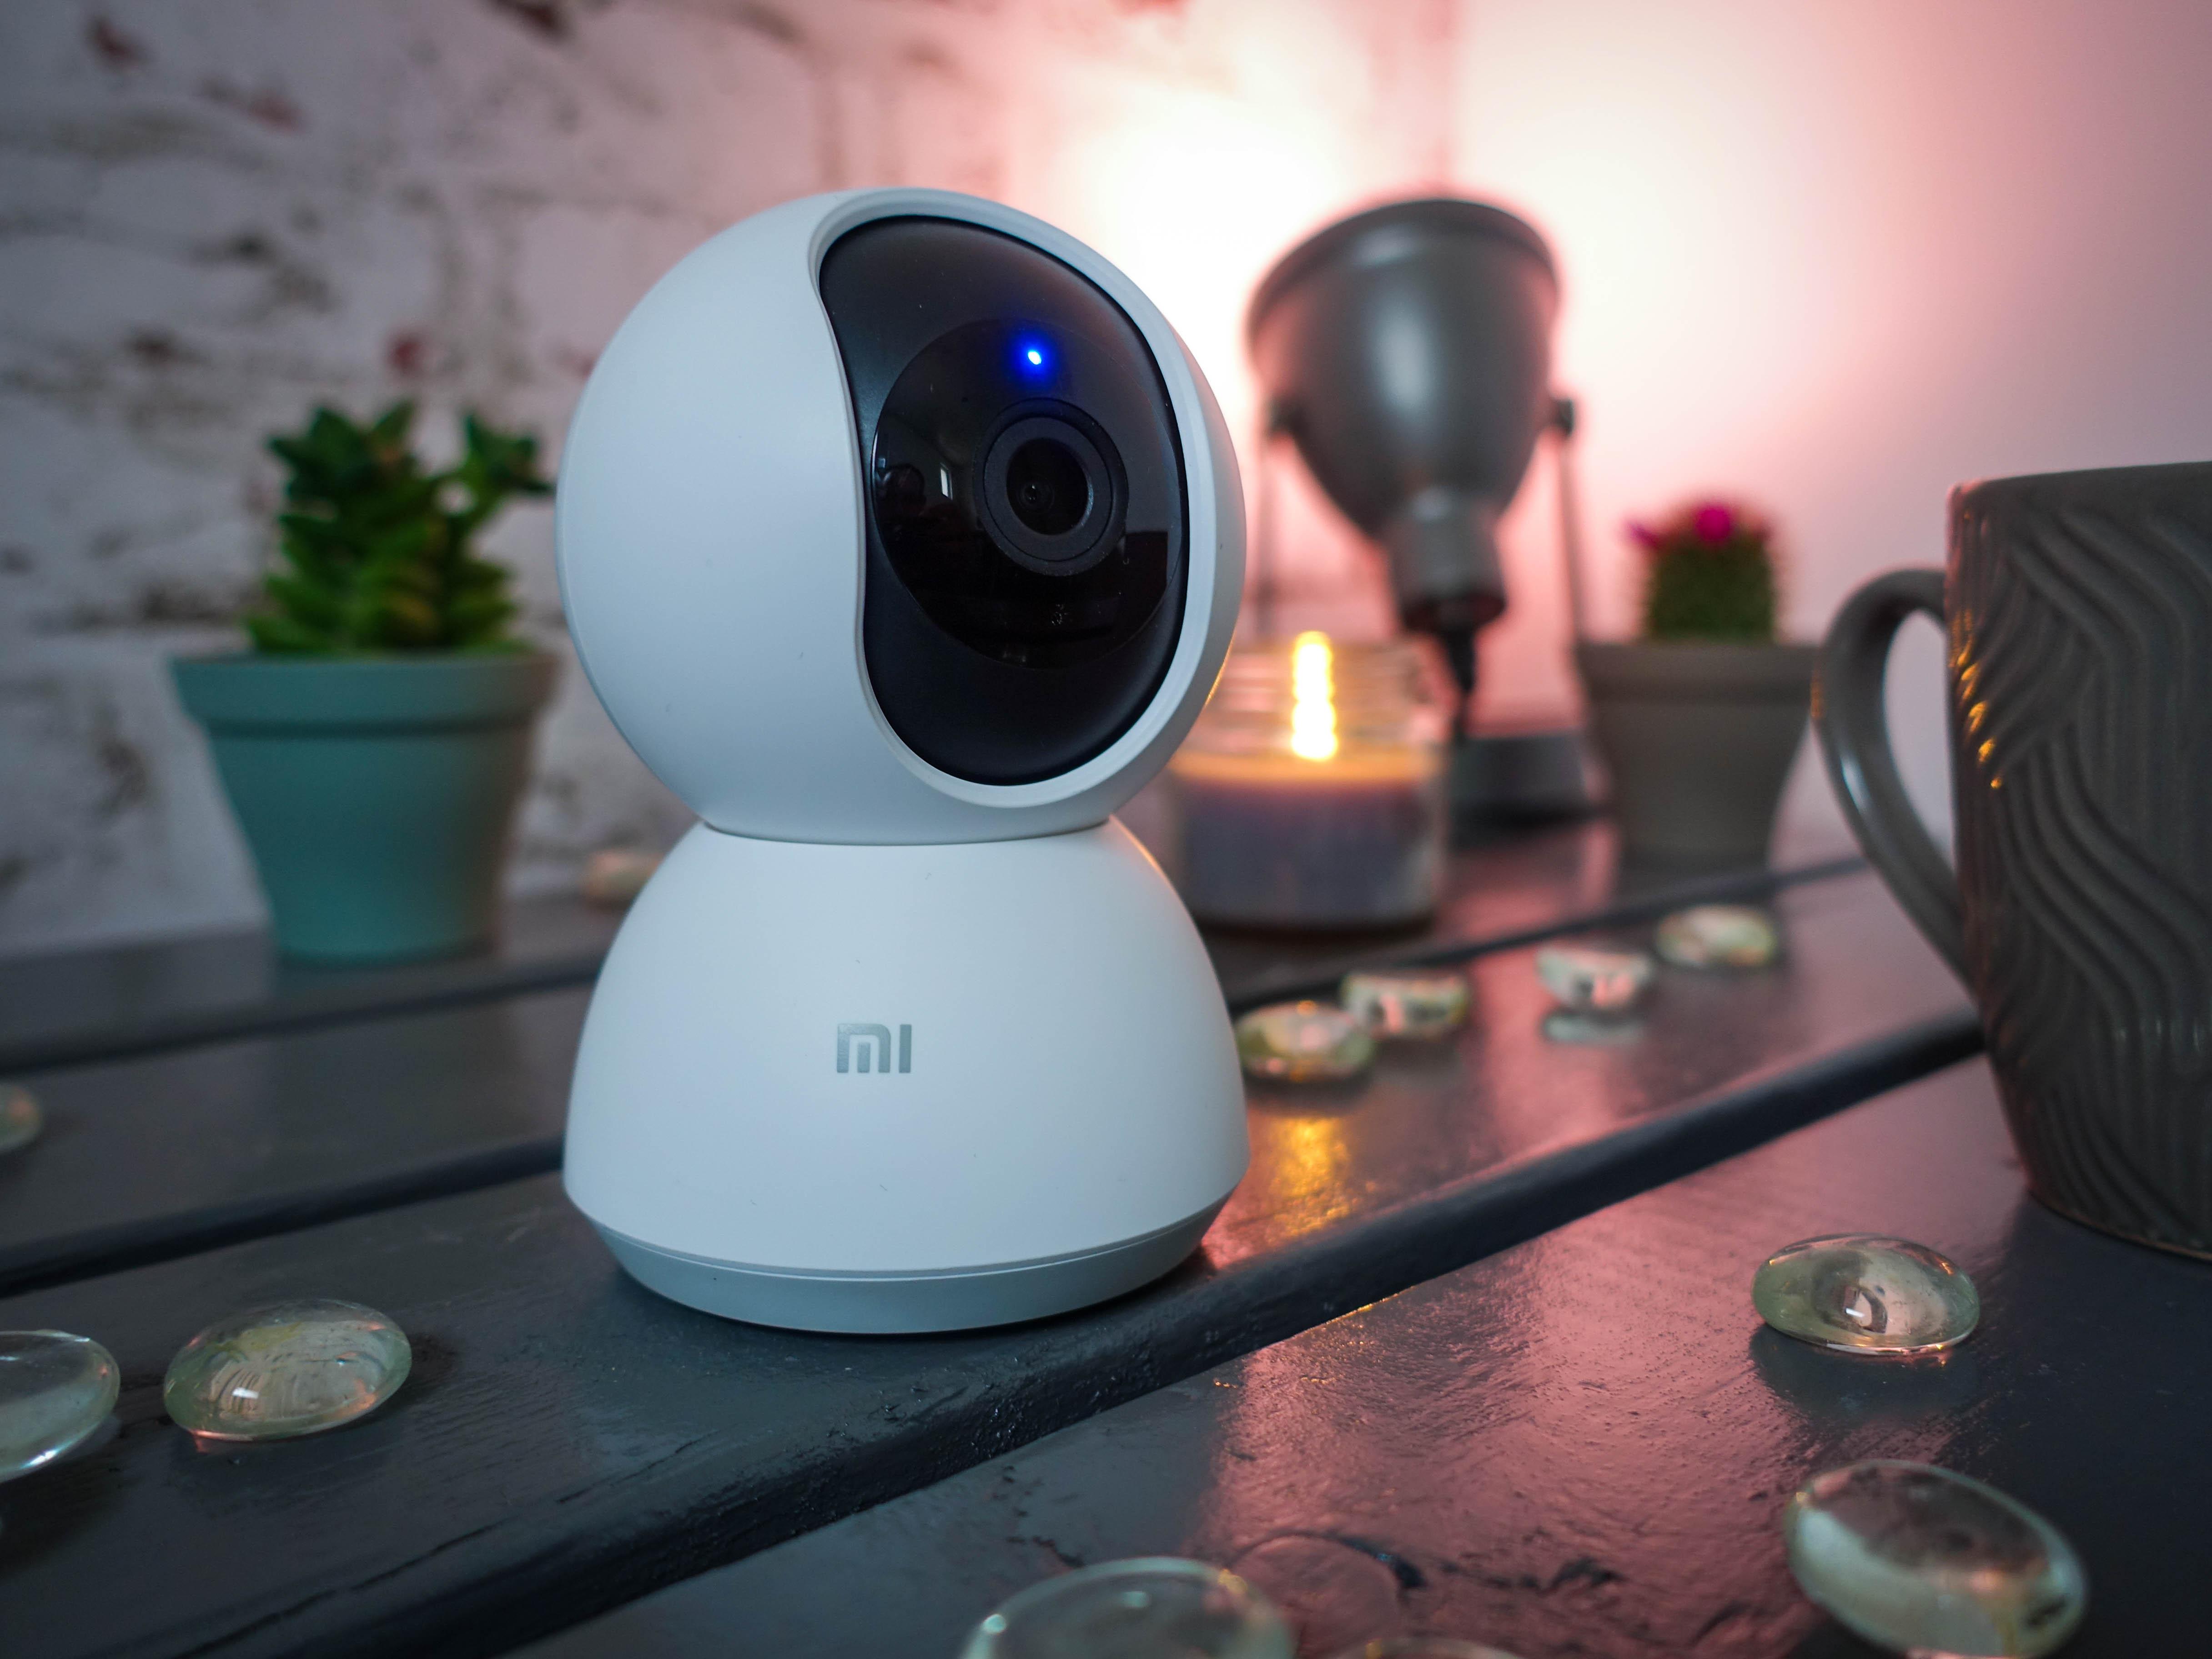 Test Xiaomi Mi Home Security Camera 360° : que vaut la caméra à 40 euros ?